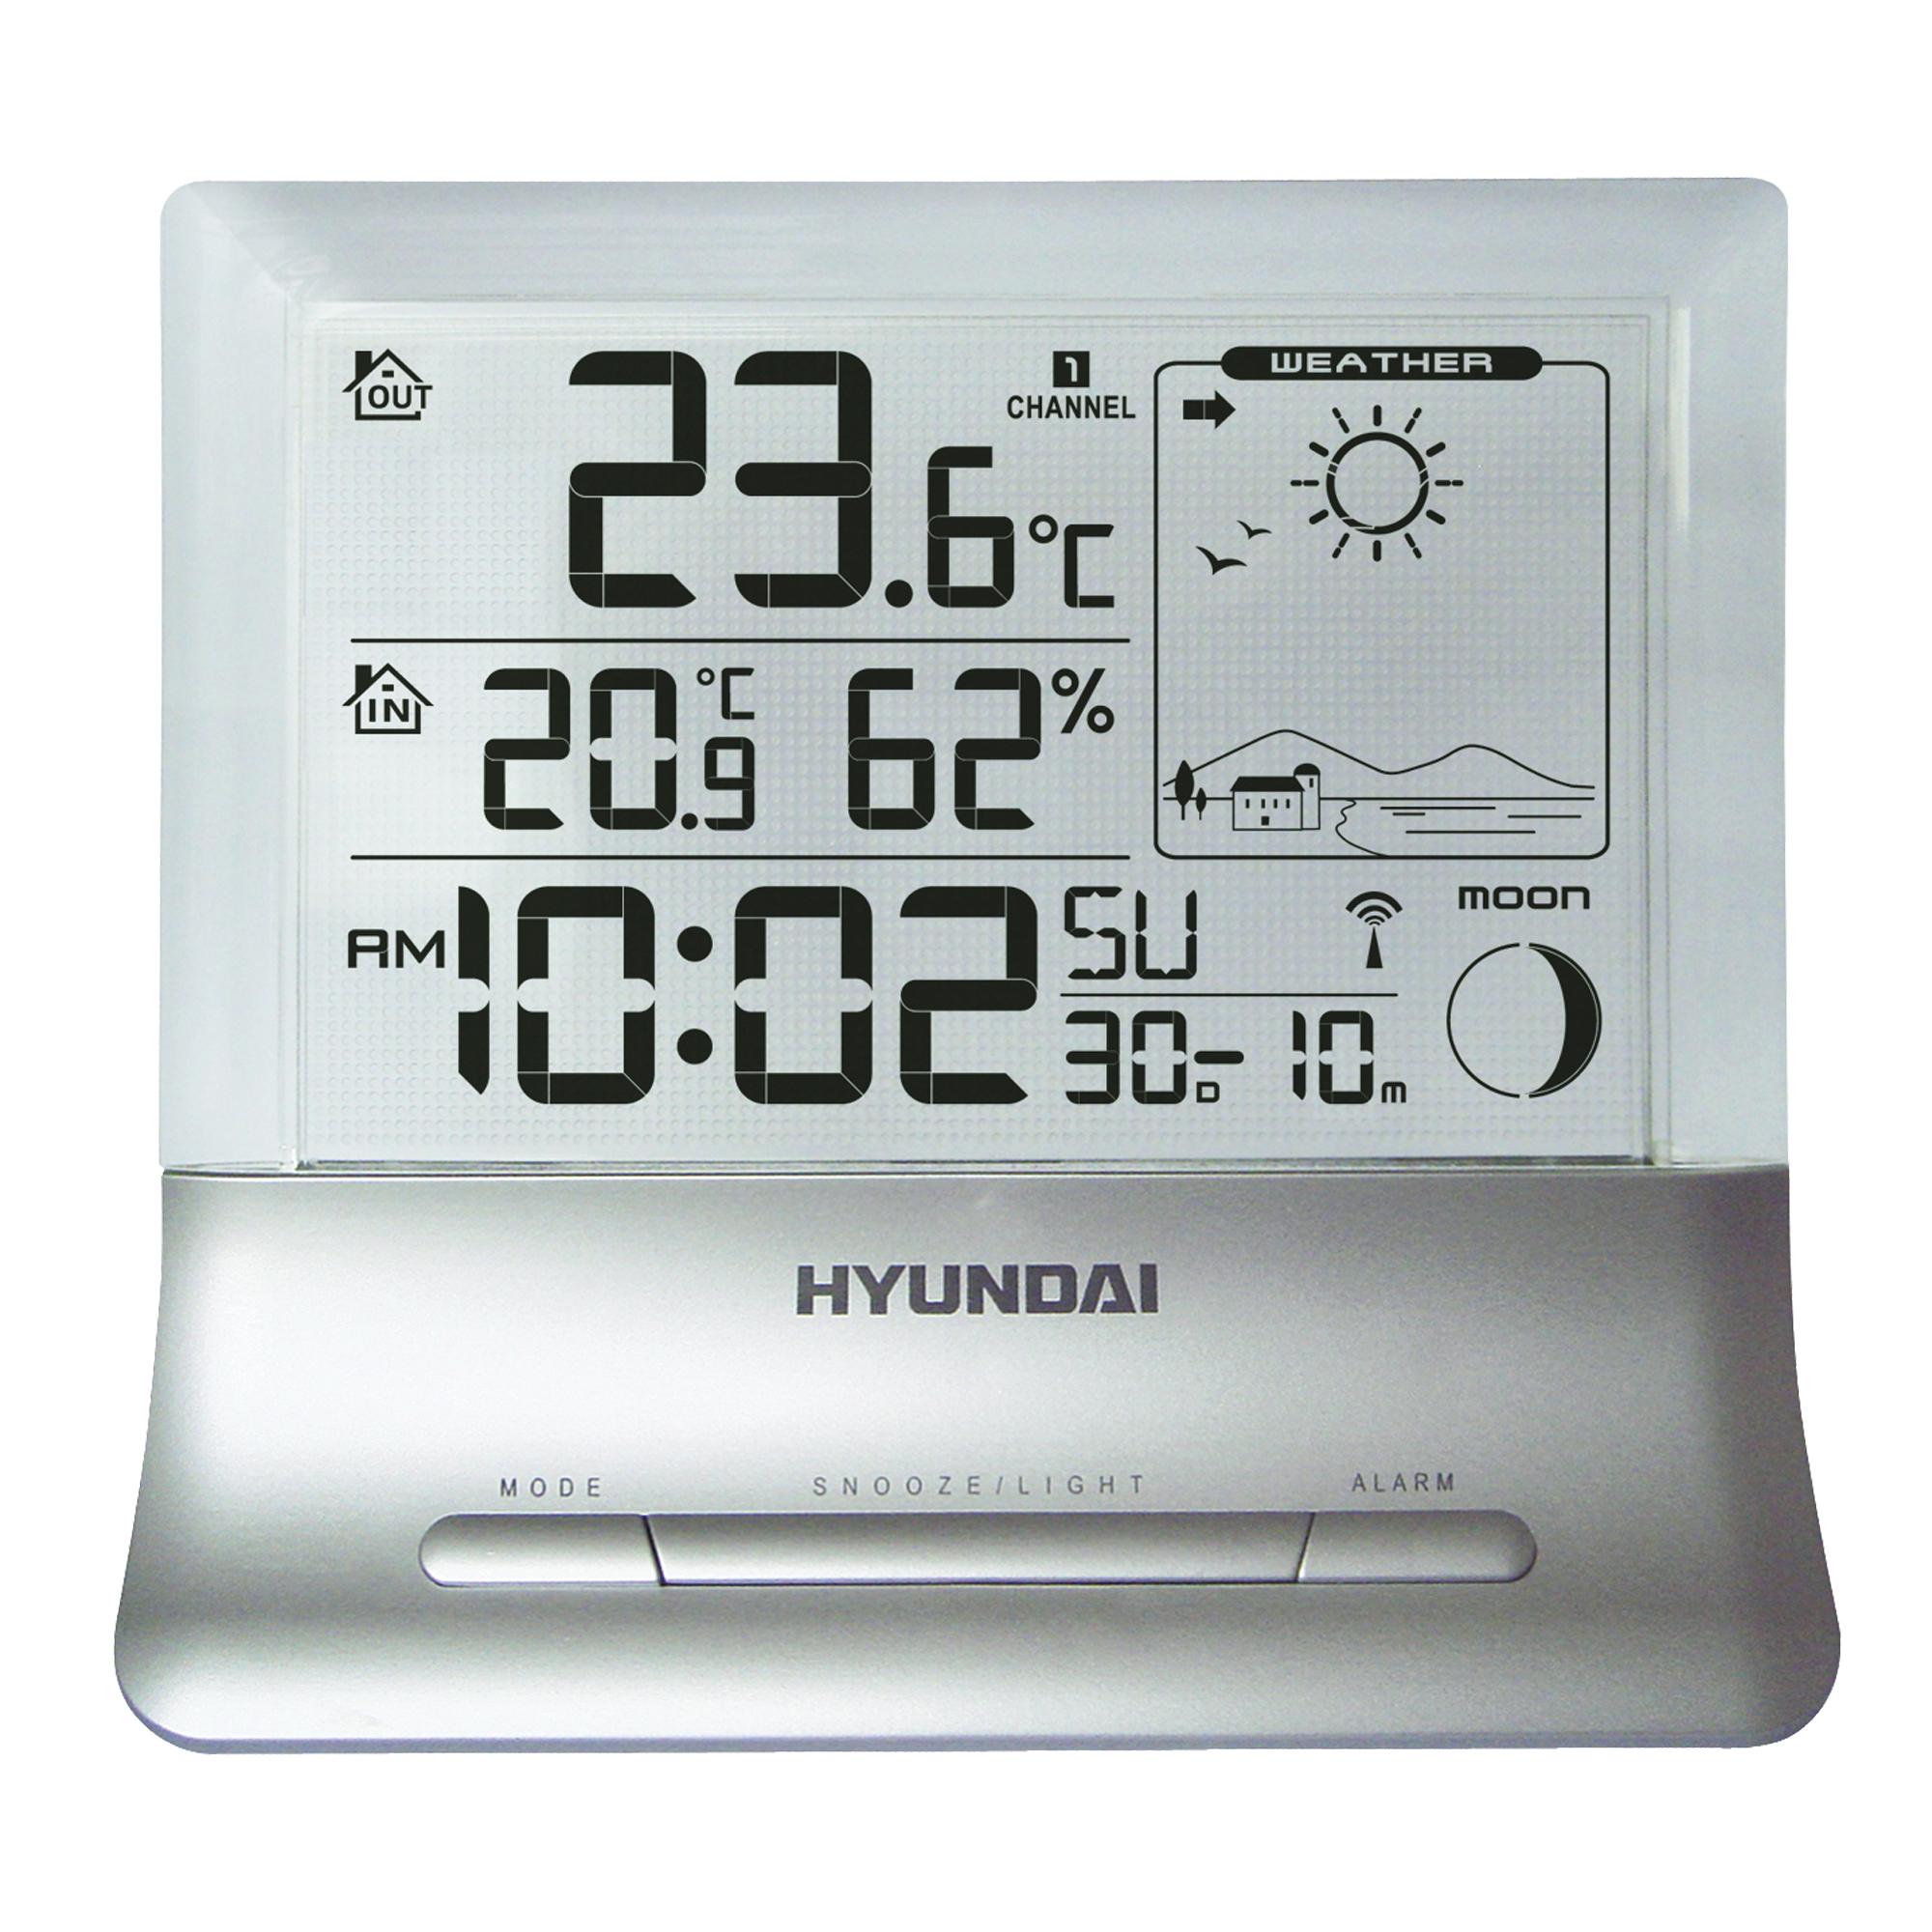 Meteostanice Hyundai WS 2266 je jedinečná díky svému průhledném displeji. Ale oceníte ji také pro je...